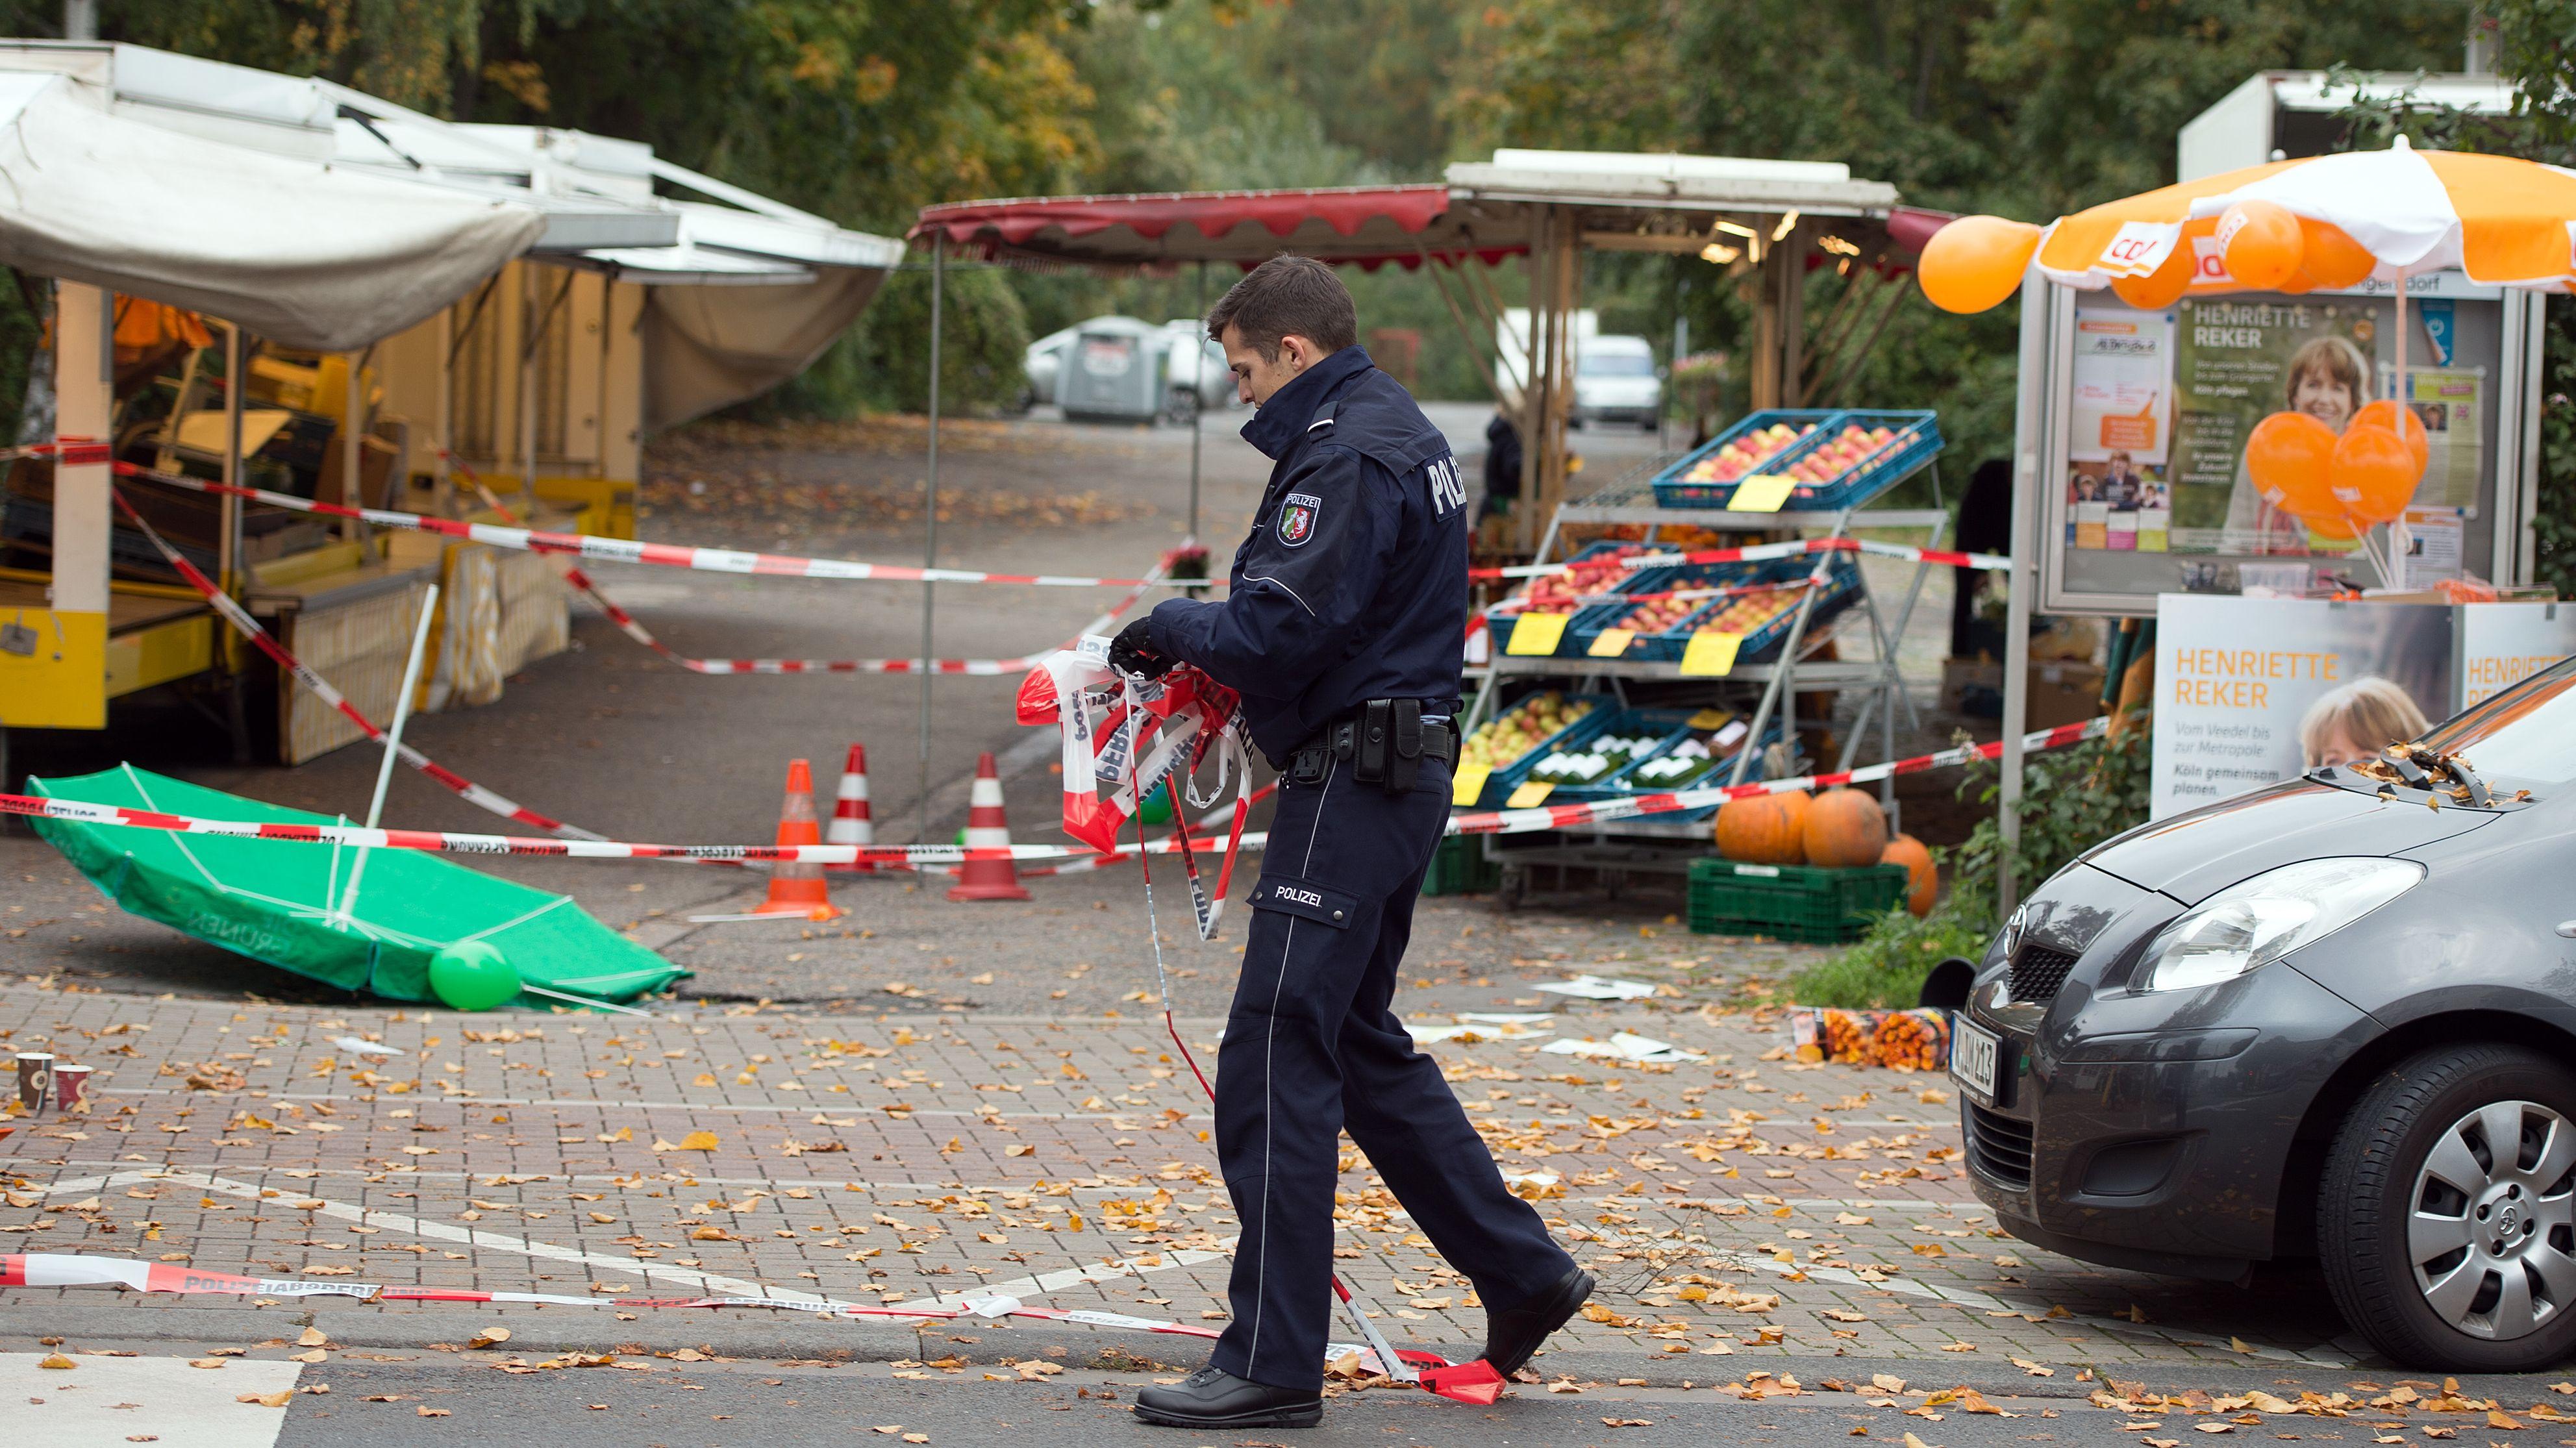 Ein Polizist wickelt am 17.10.2015 in Köln nach dem Attentat auf OB Reker Absperrband auf.